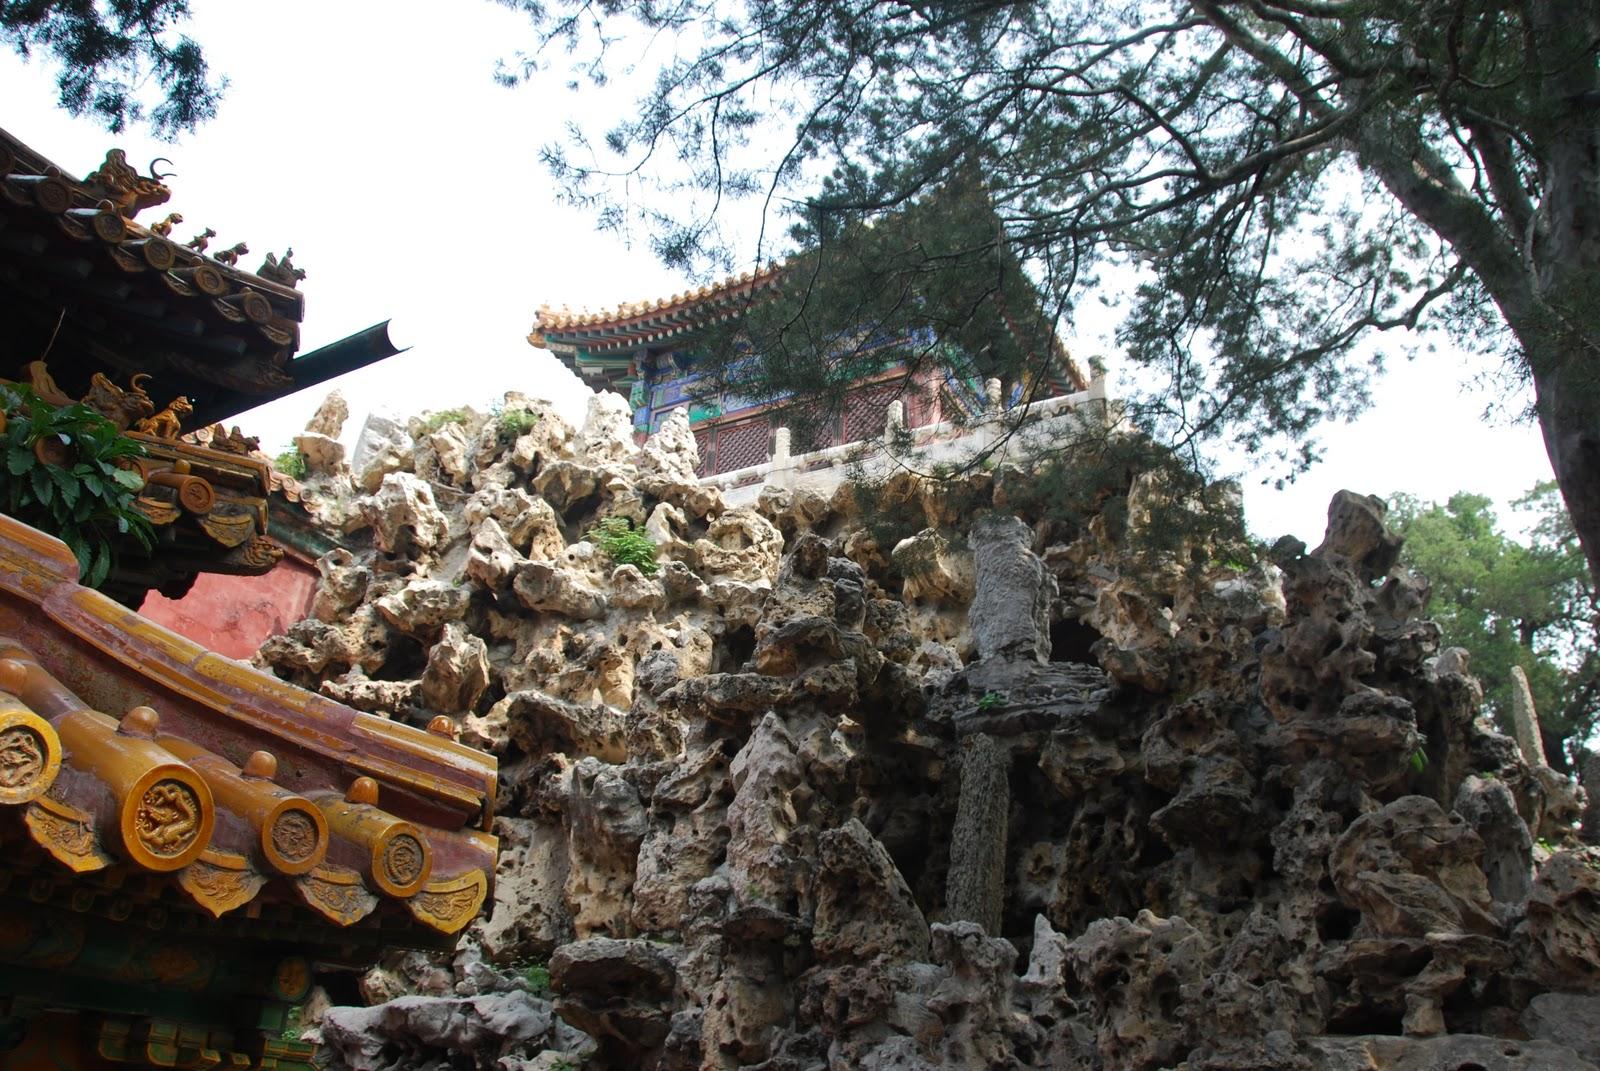 La ciudad prohibida v el jard n imperial sombras de tinta for Jardin imperial chino